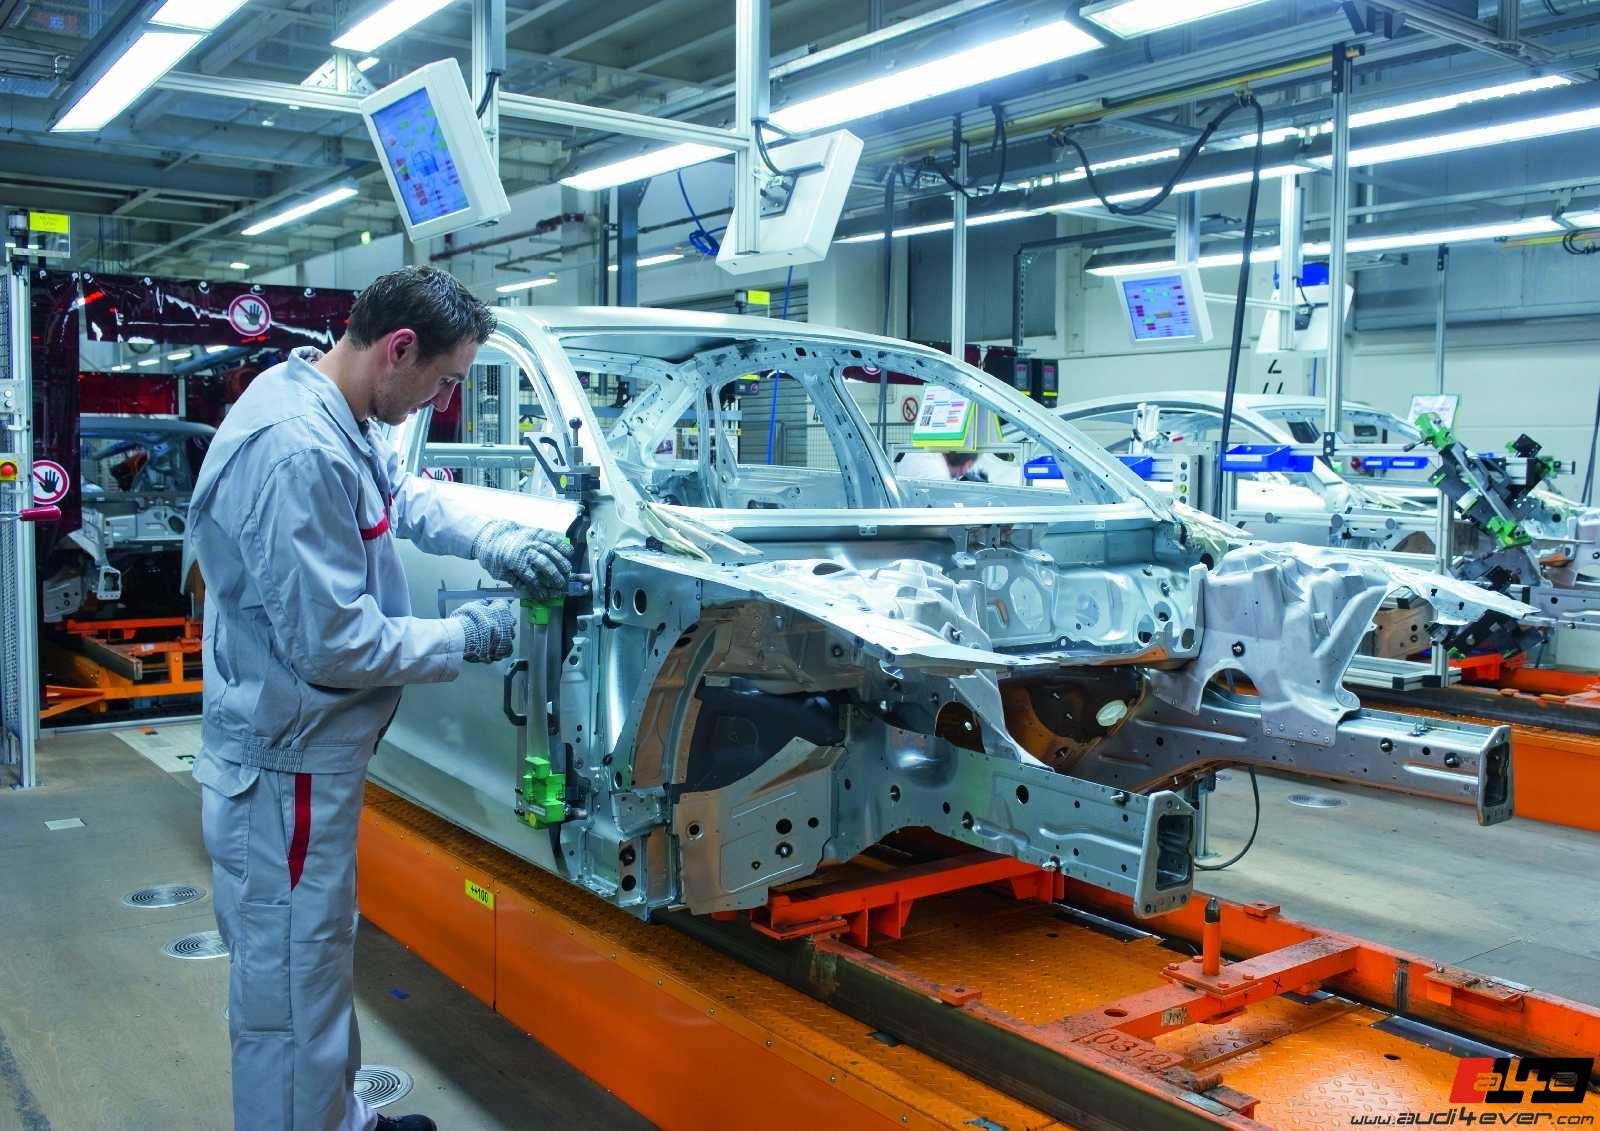 A4e Gallery Audi A6 C7 Audi A6 C7 Produktion